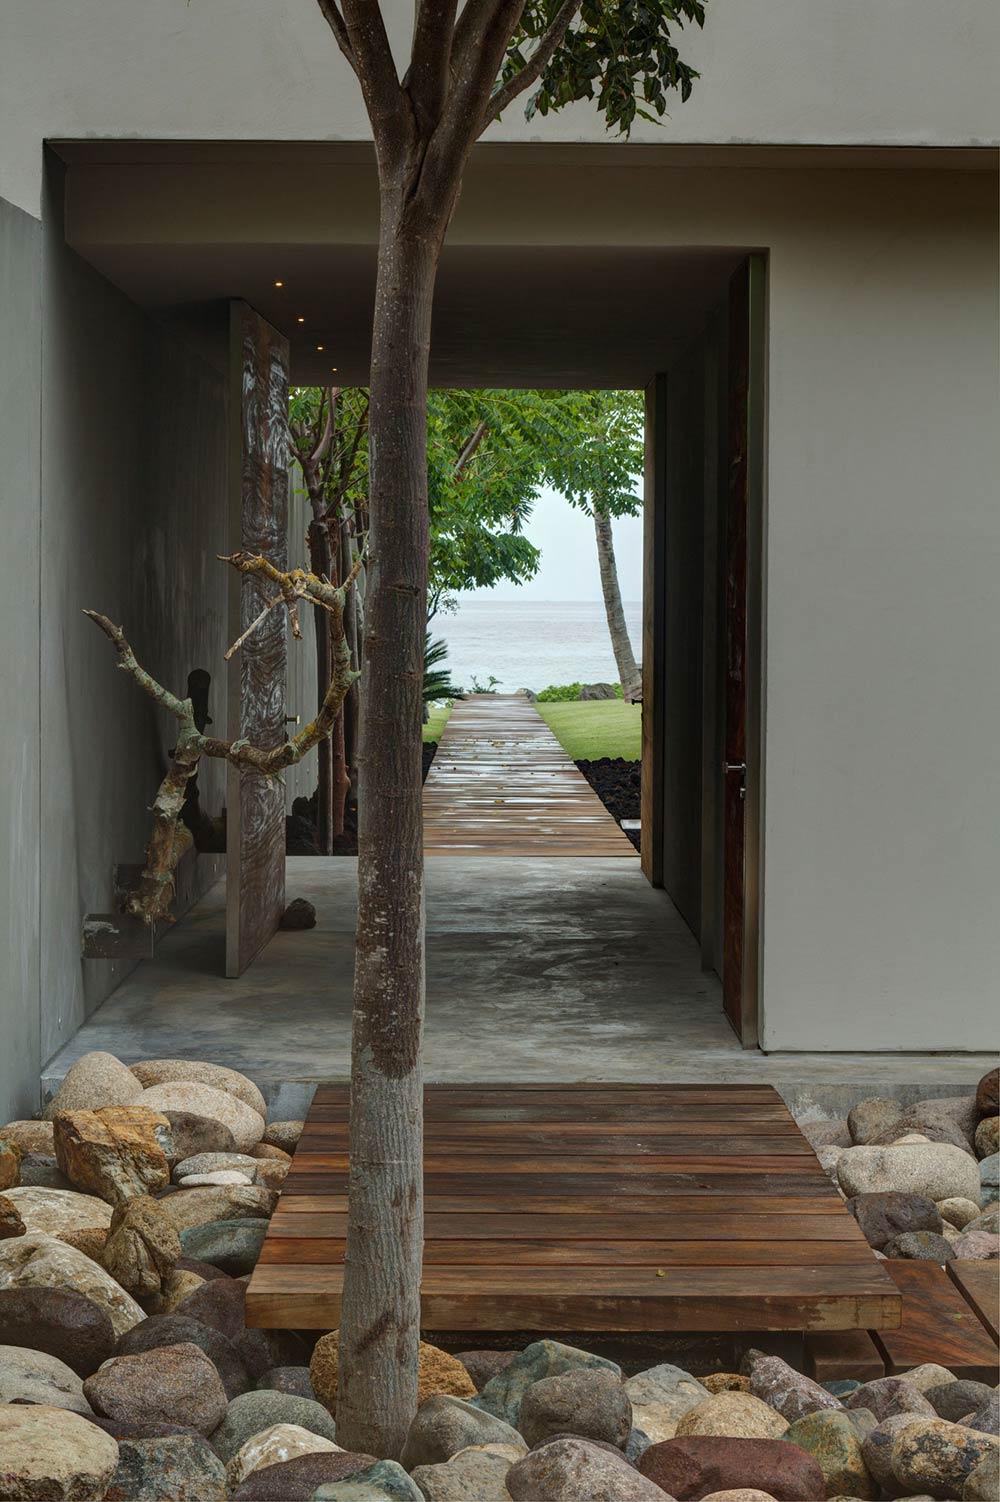 Pathway, Casa La Punta in Punta Mita, Mexico by Elías Rizo Arquitectos